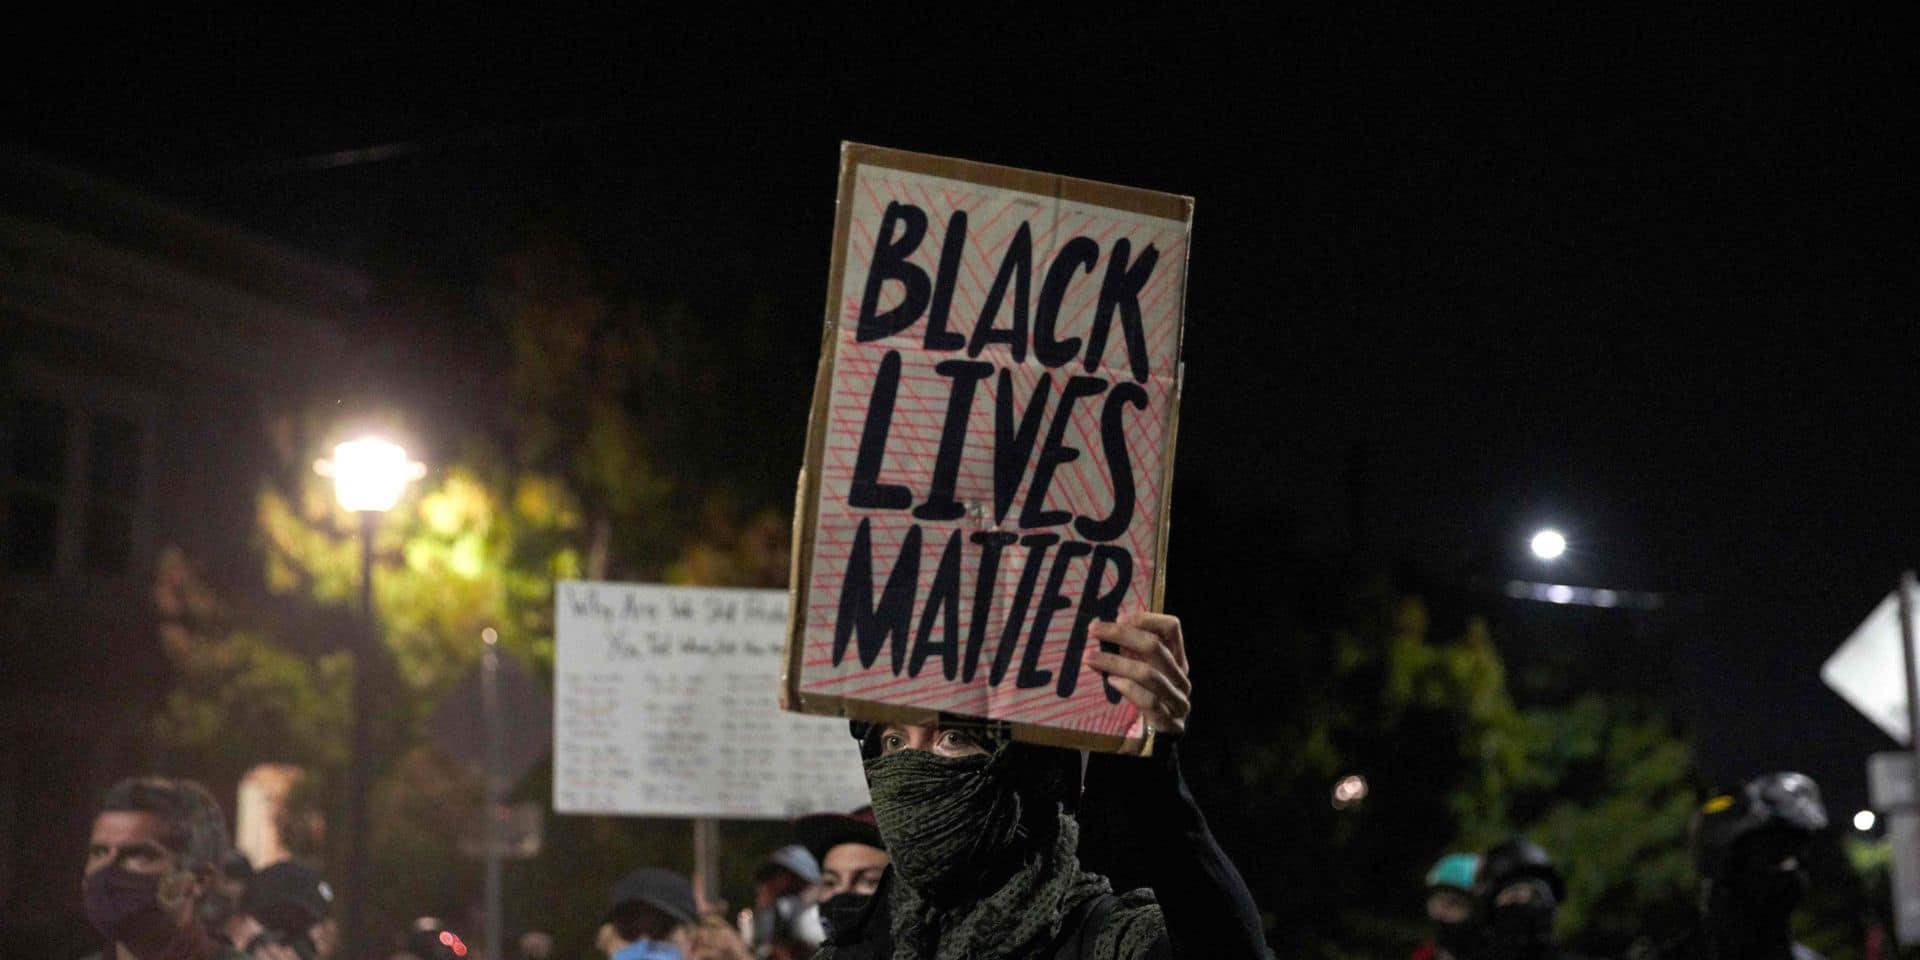 Violences policières contre les Afro-Américains: les policiers accusés de la mort de George Floyd veulent être jugés séparément